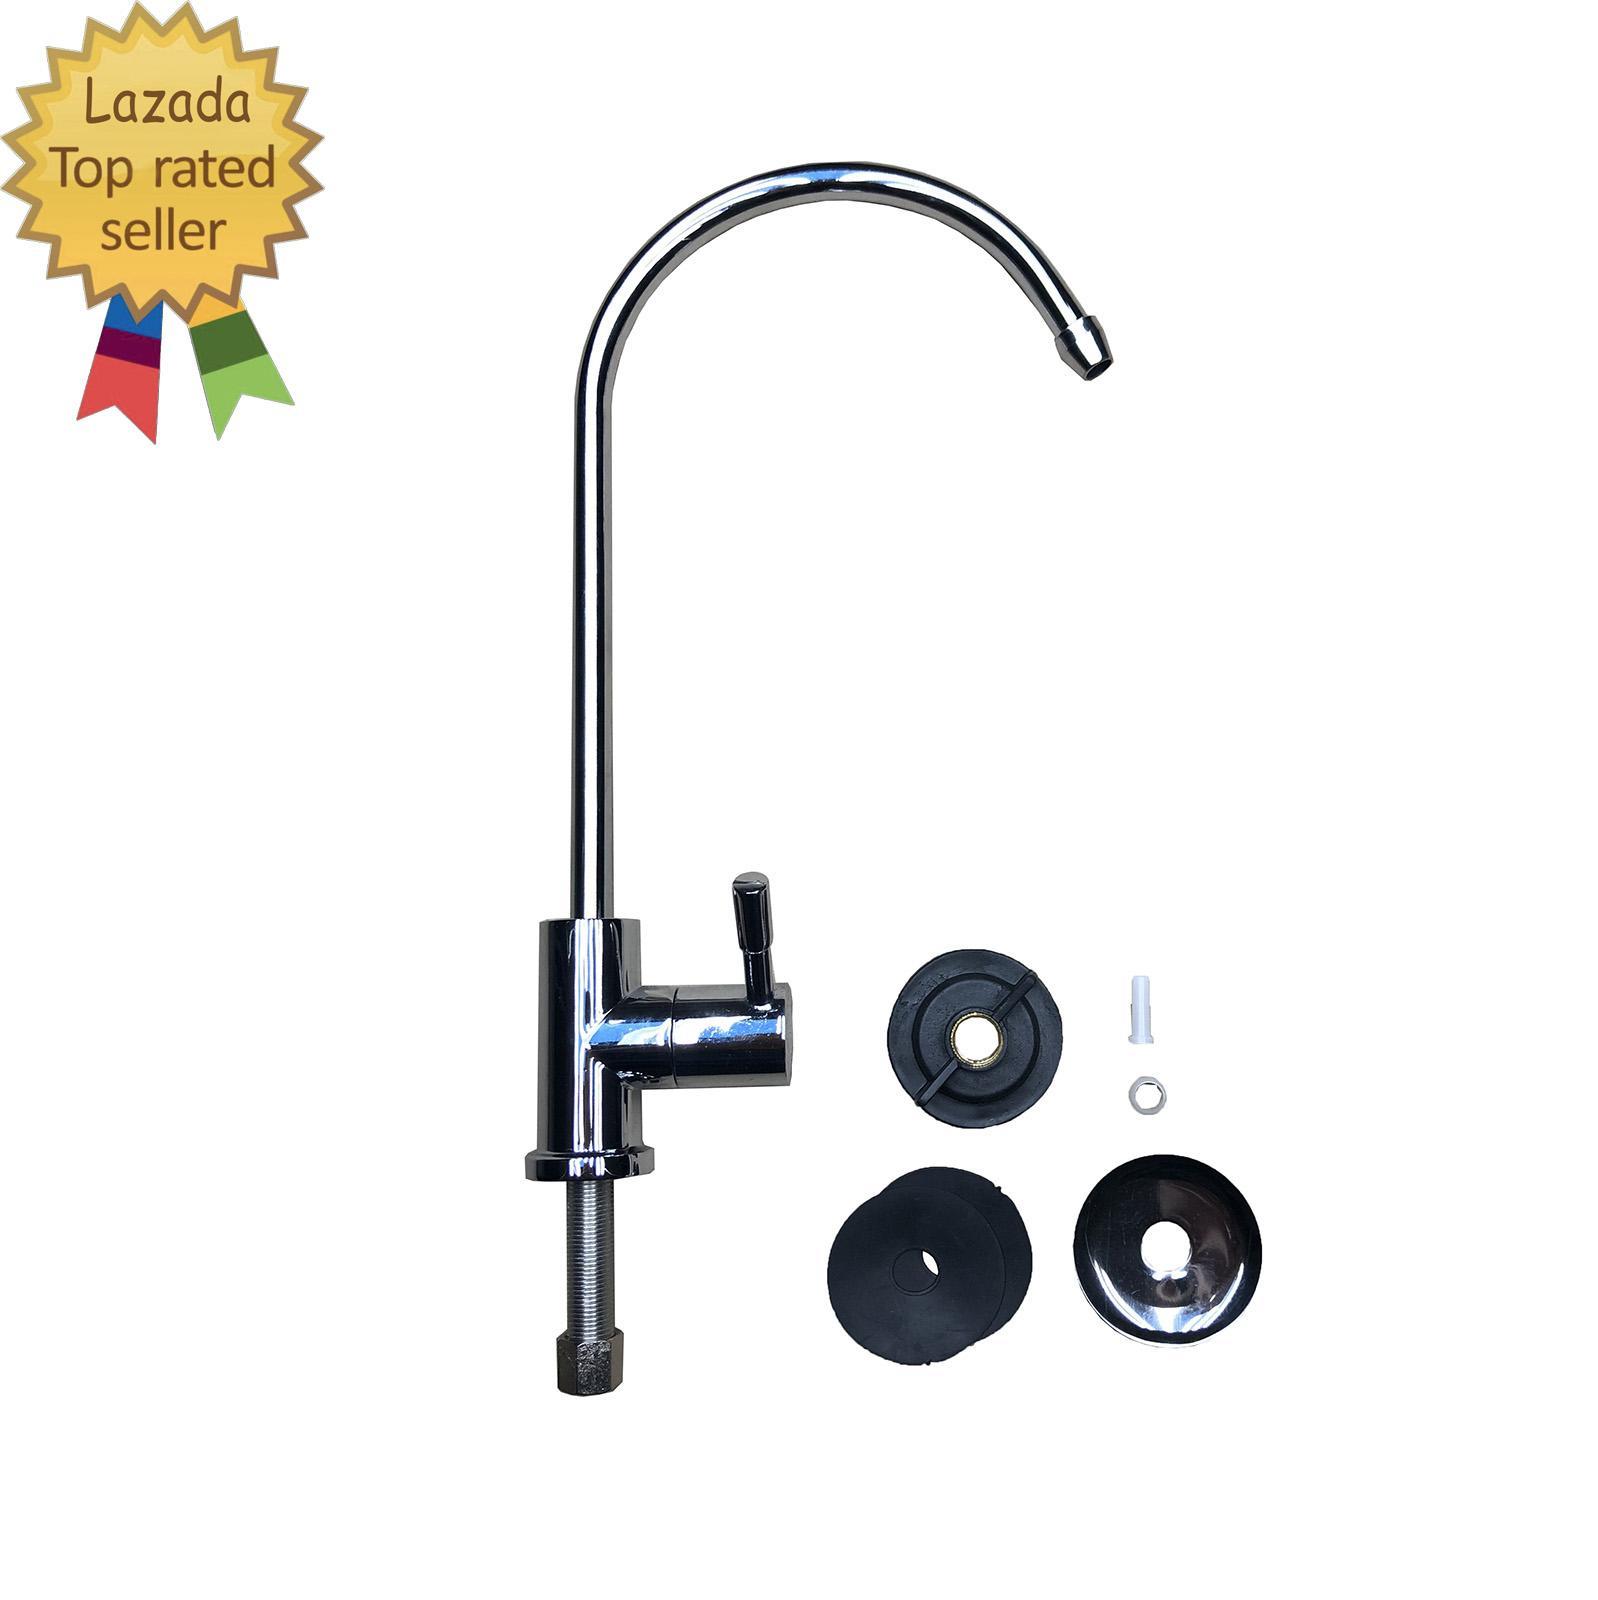 Vòi máy lọc nước TOP R Faucet, vòi thay thế cho máy lọc nước